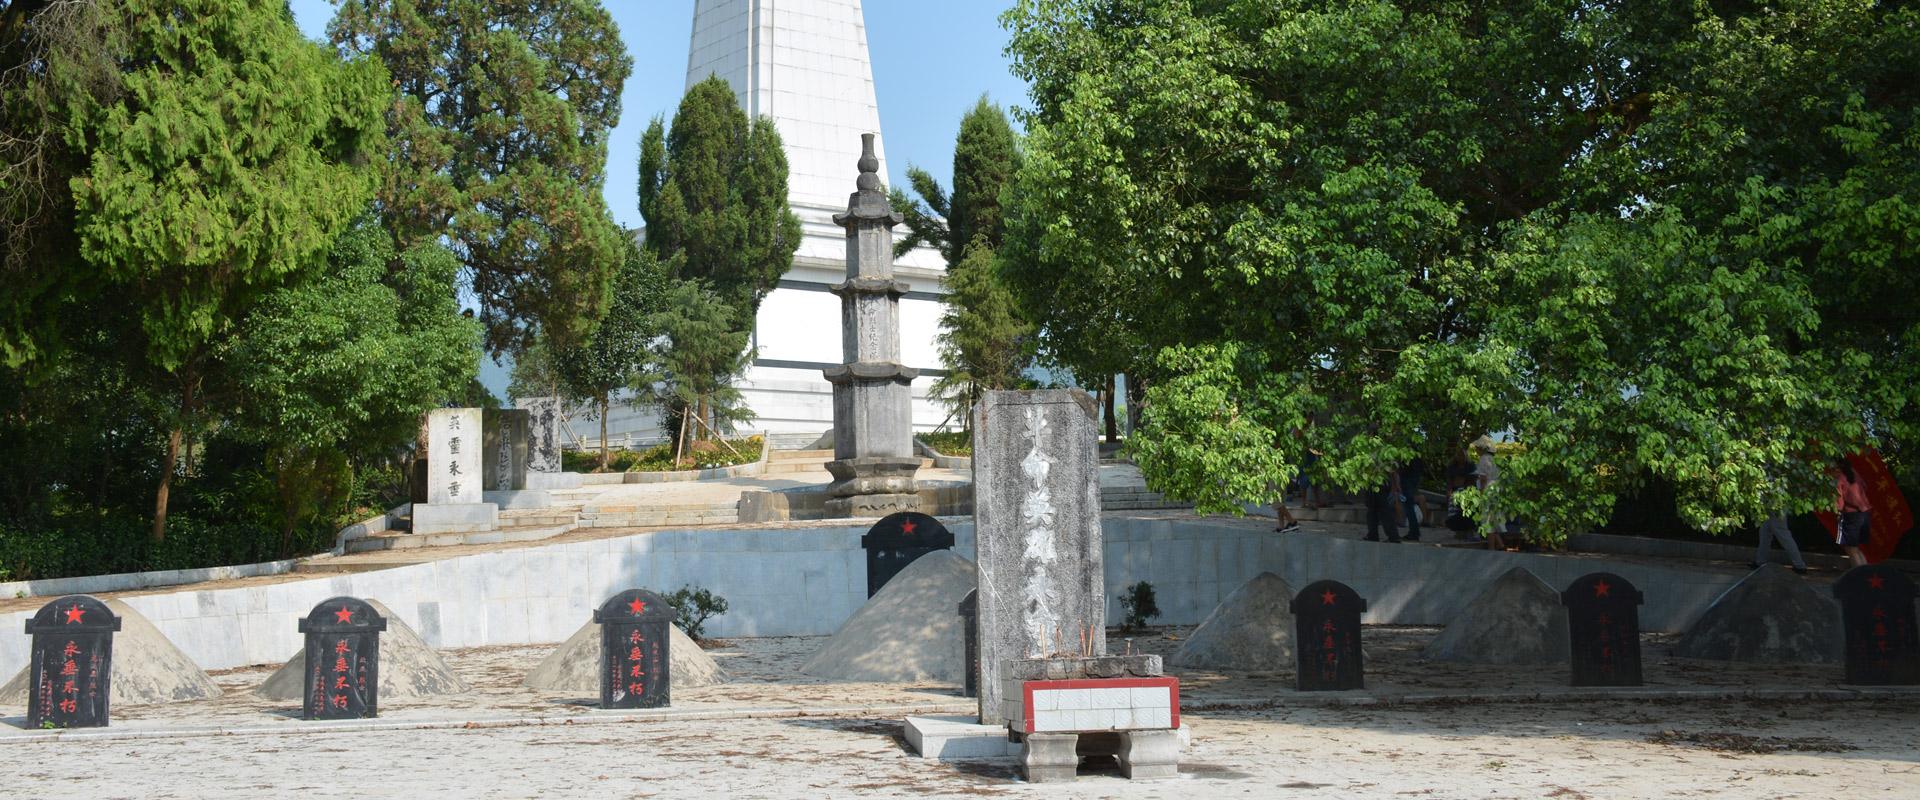 宁远行:青山埋忠骨,宁远烈士陵园中,革命先烈们长眠于此,见证祖国的繁荣昌盛。